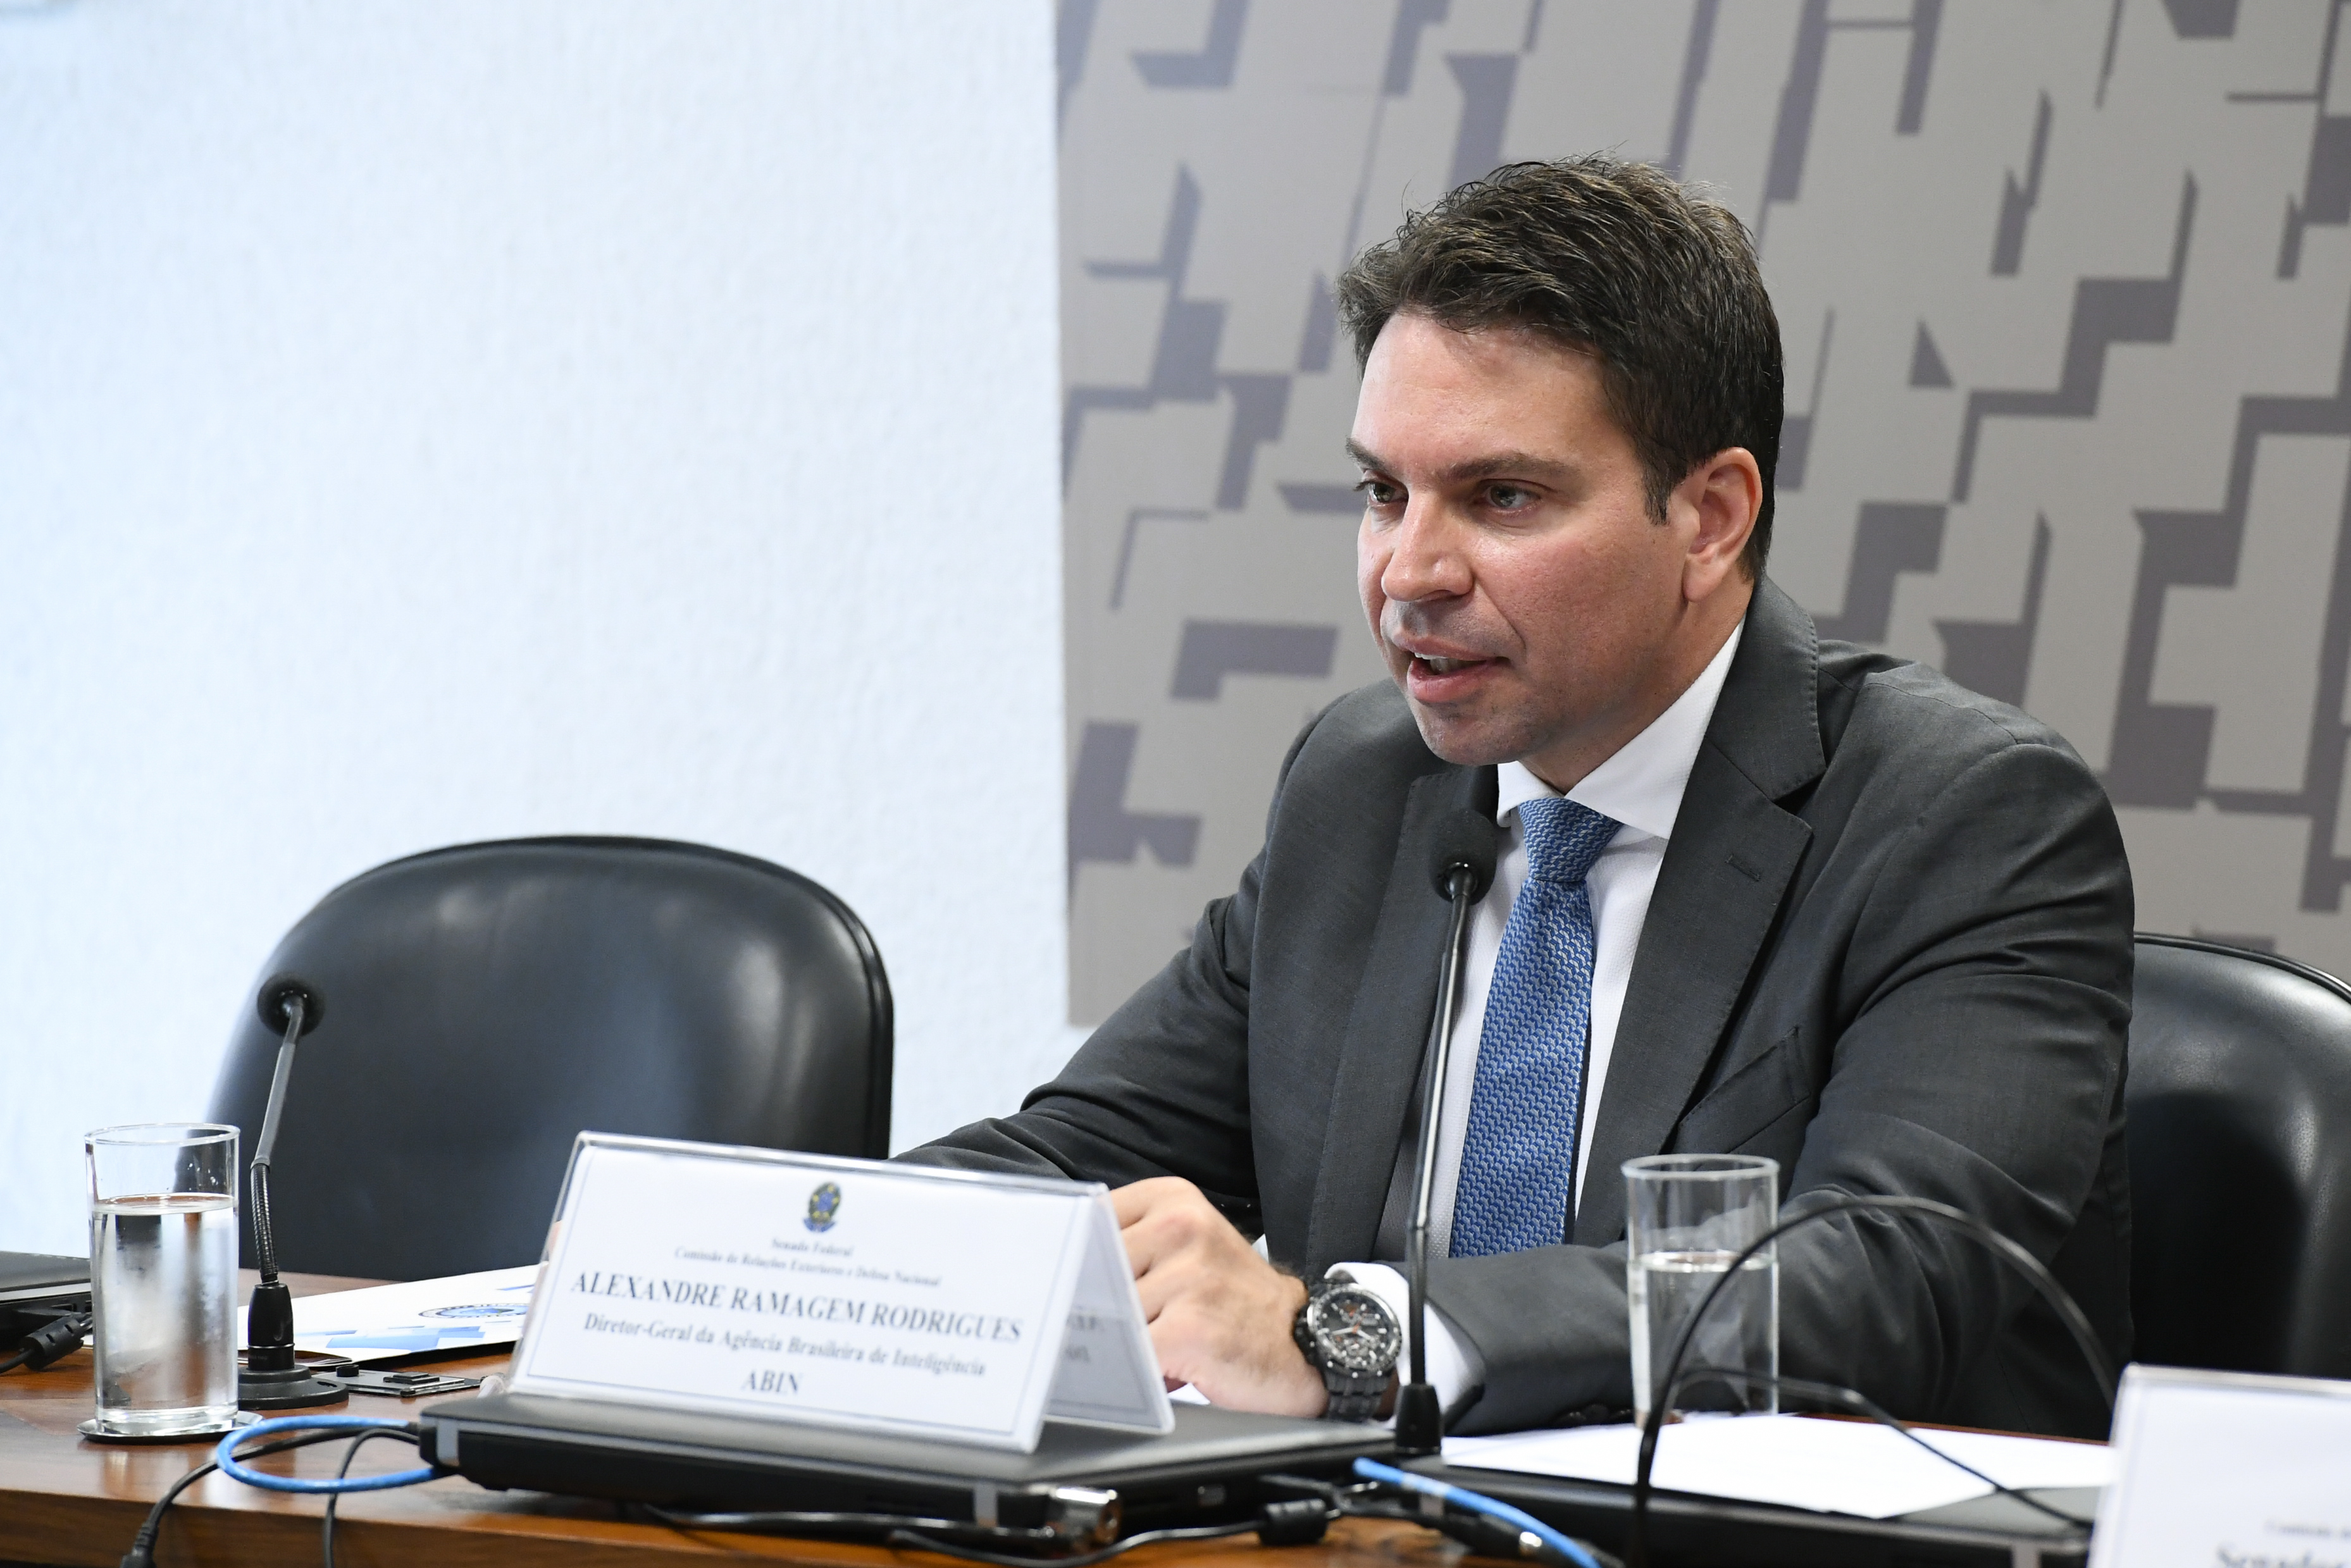 IMAGEM: PF ouve Ramagem e ex-superintendente do Rio na próxima segunda